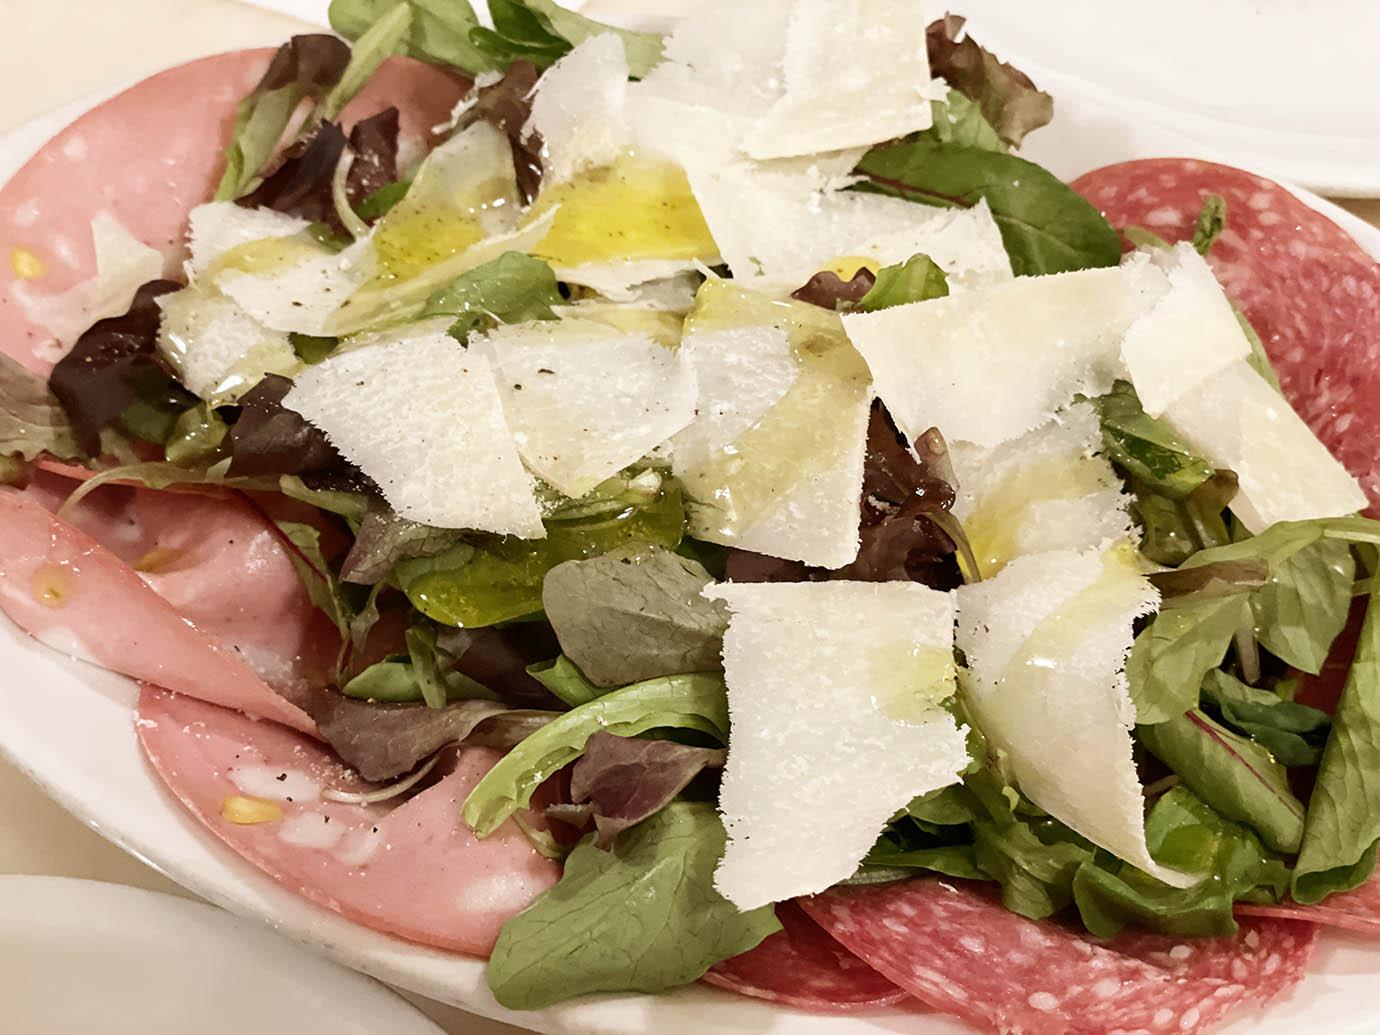 pizzeria-romana-ilpentito-pizza23